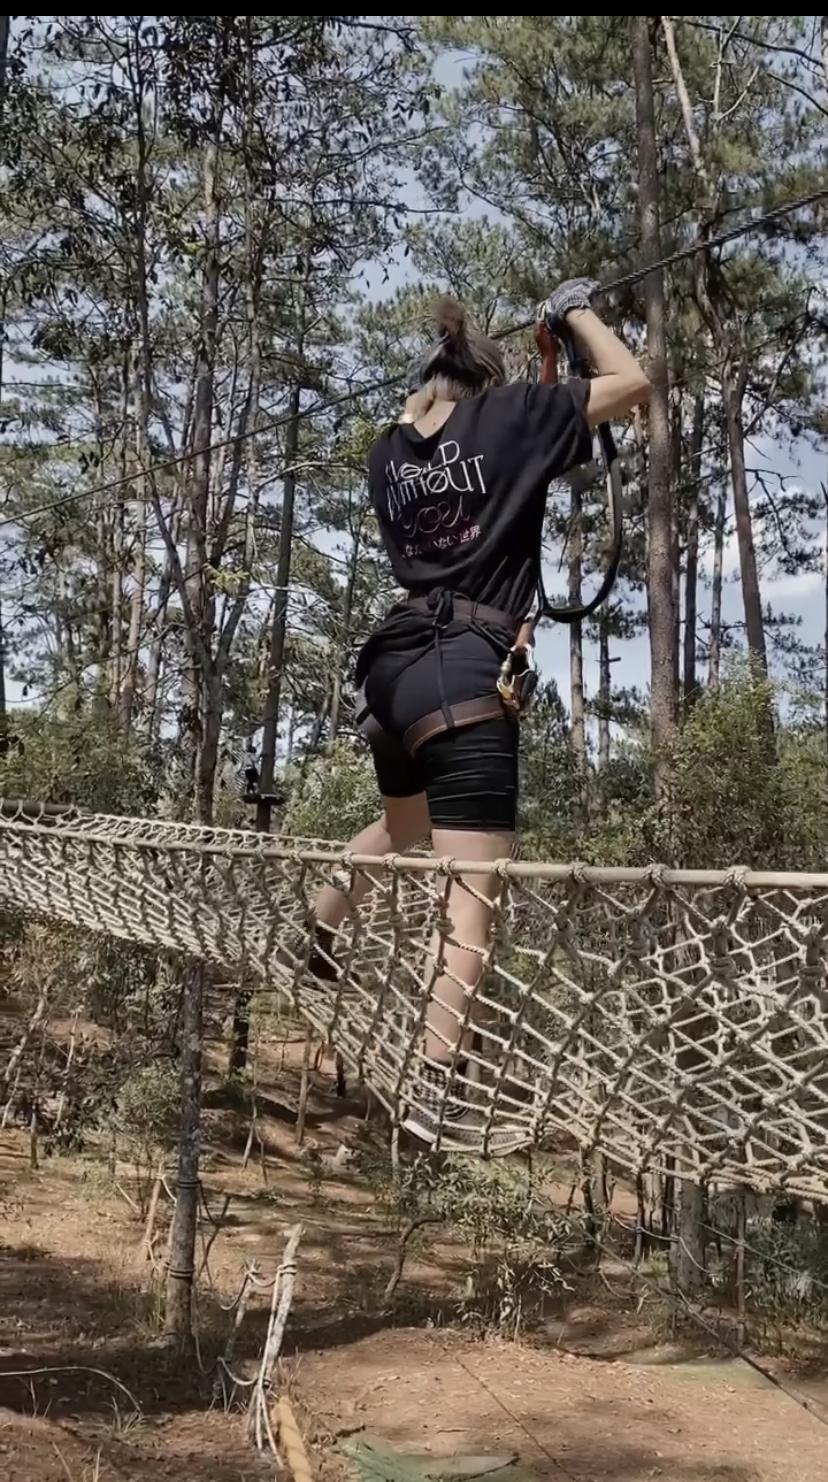 Trải nghiệm Đà Lạt nguy hiểm bạn chưa từng biết: Đu dây leo cây như Spider-Man, 4 giờ sáng chèo thuyền kinh hoàng! - Ảnh 10.